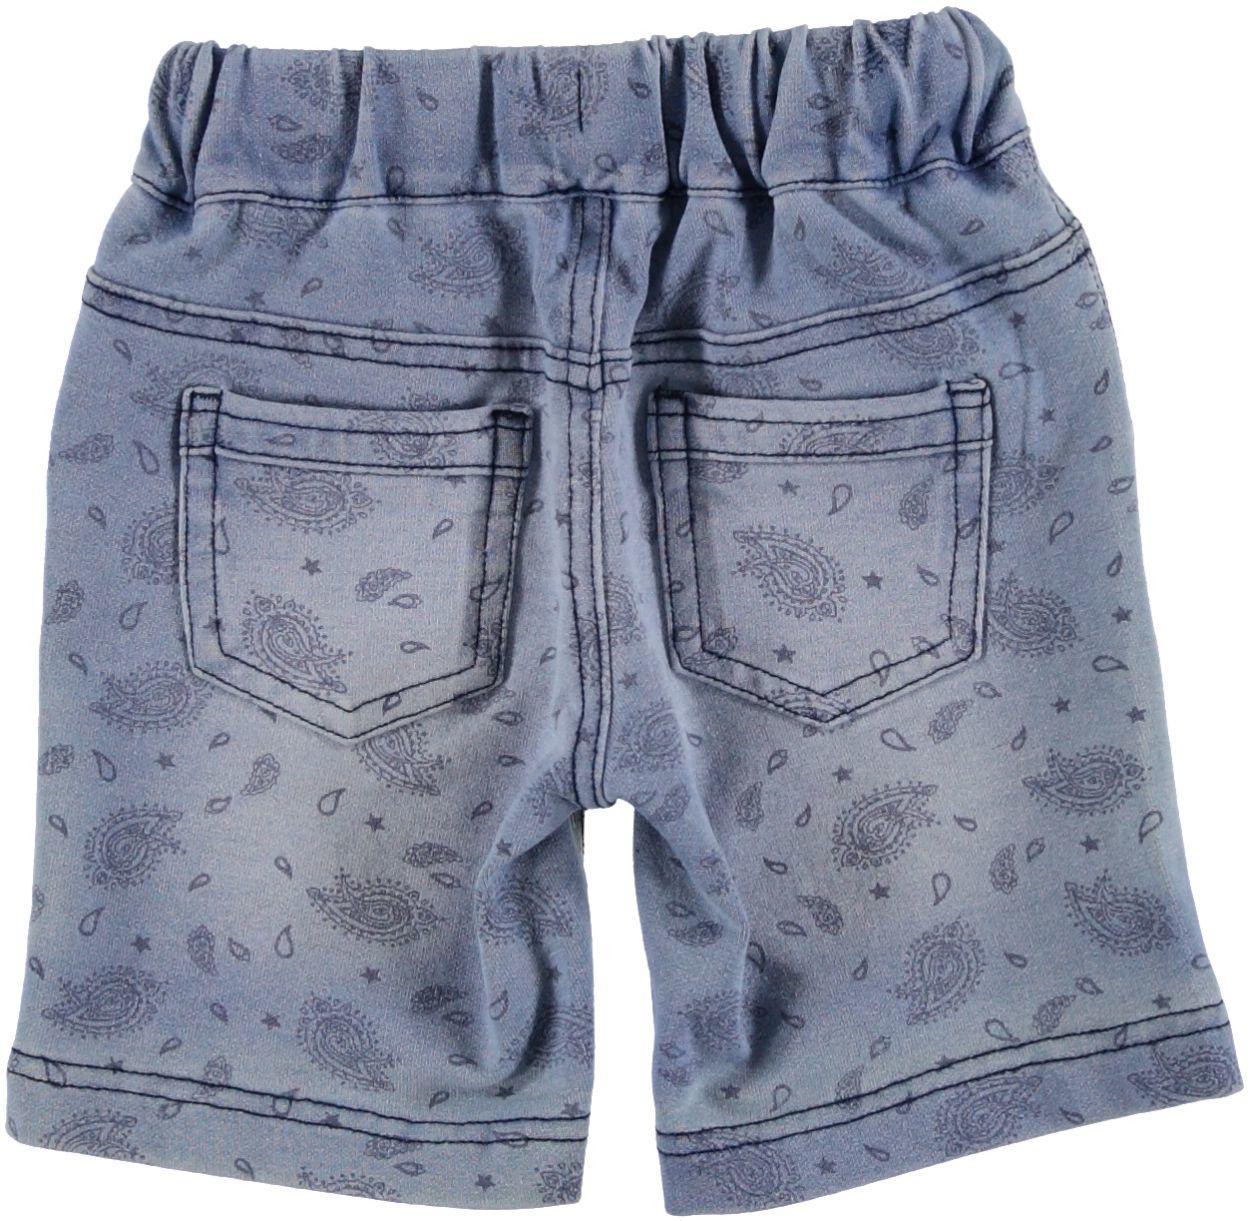 Pantaloncino corto con stampa fantasia cachemire per neonato da 0 a 18 mesi  iDO. DENIM-AVION-6F74 back. bb88cbb36065